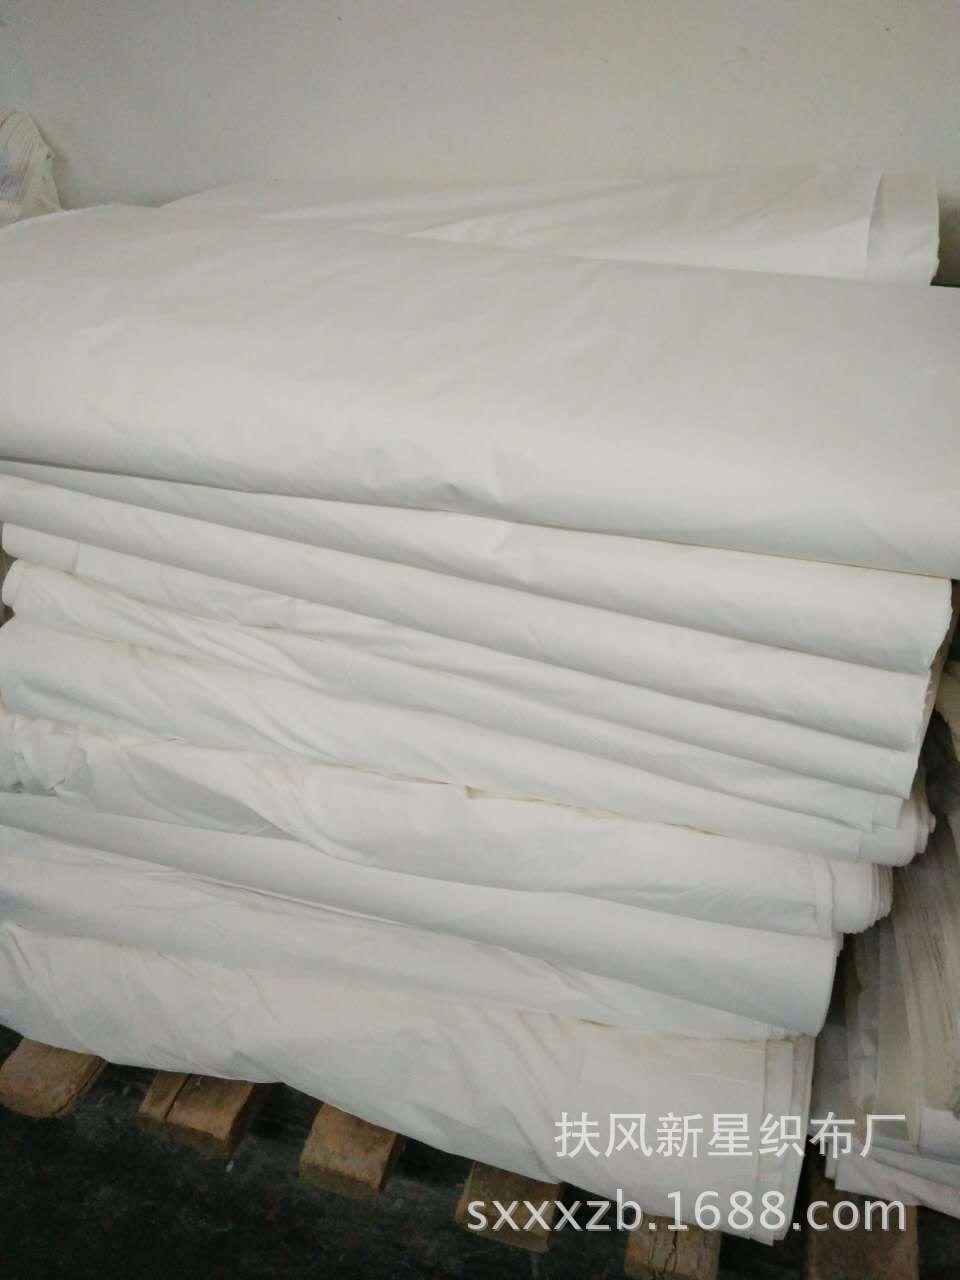 FAMENSHI Vải mộc sợi hoá học Chất lượng cao đặc biệt Xiaobu tang sợi hóa chất mài vải thô 88 * 60, t